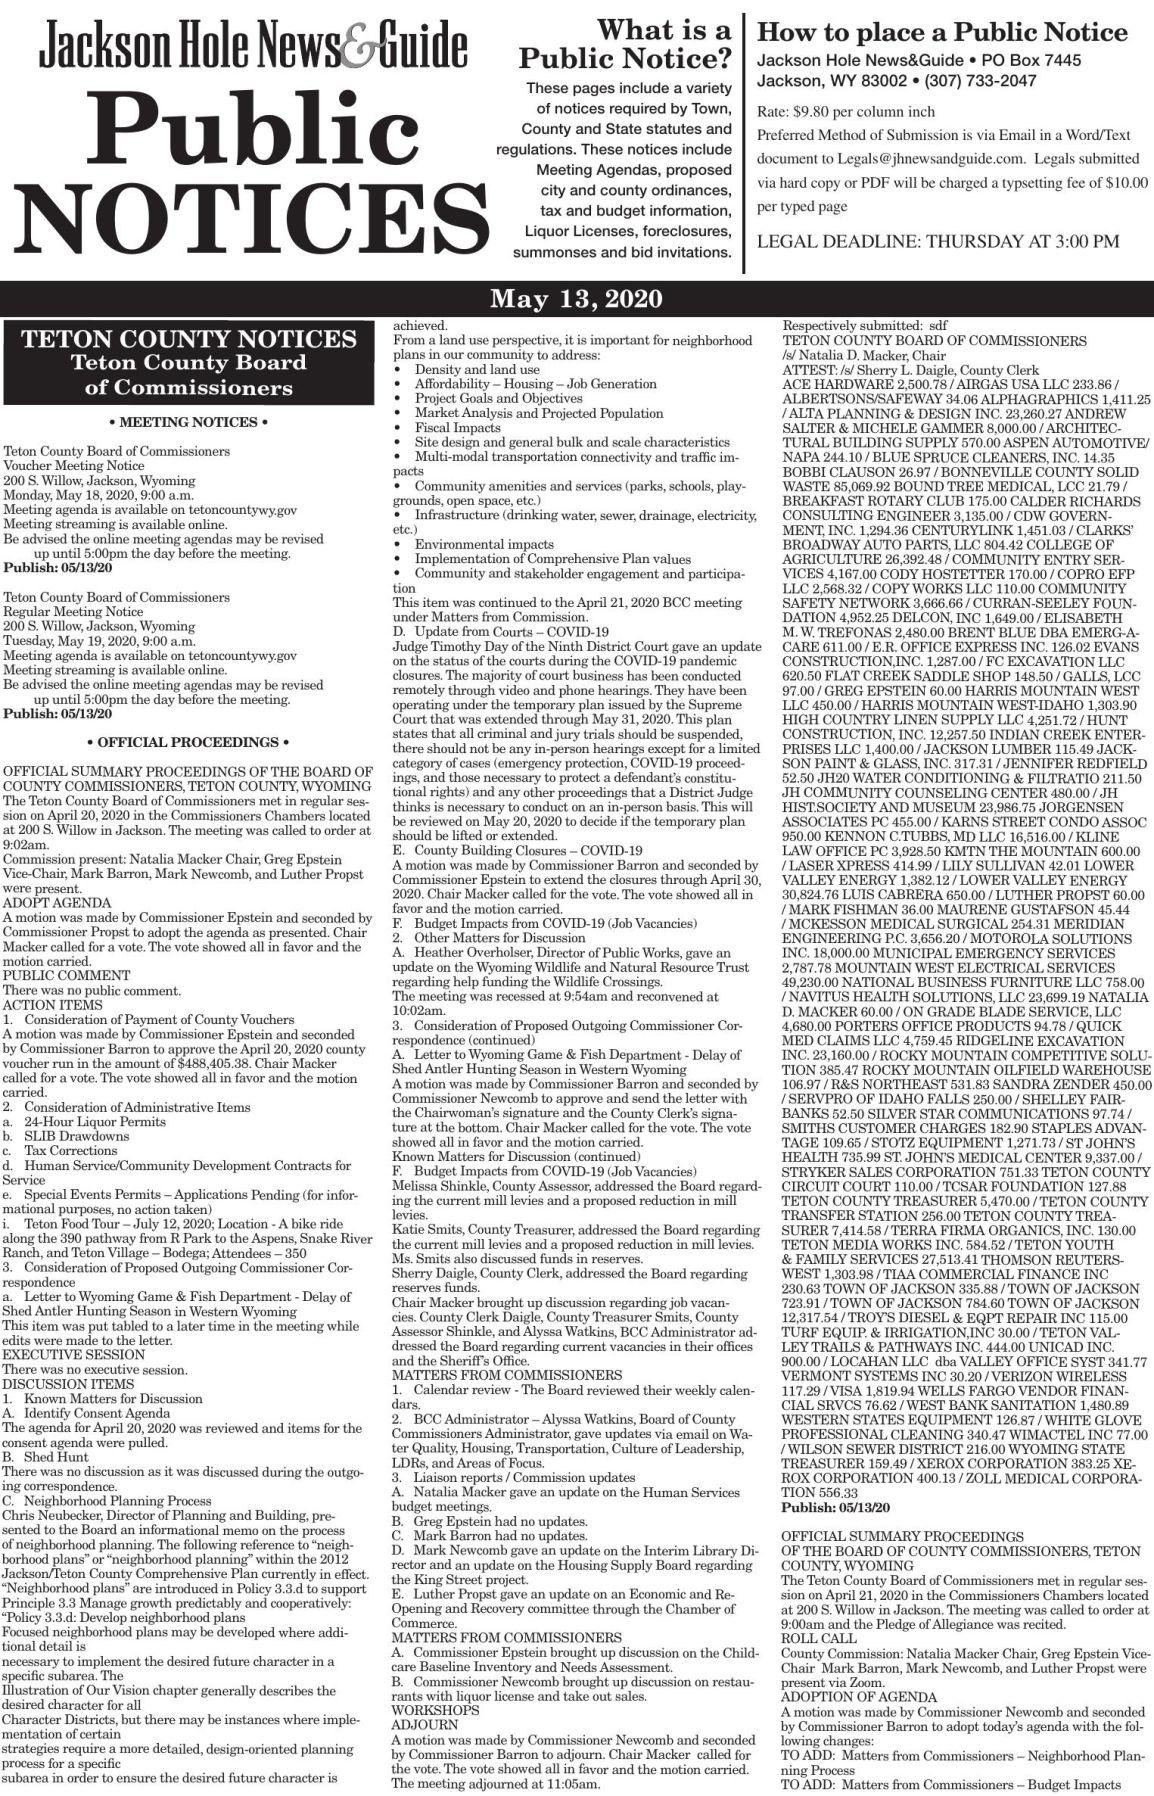 Public Notices, May 13, 2020